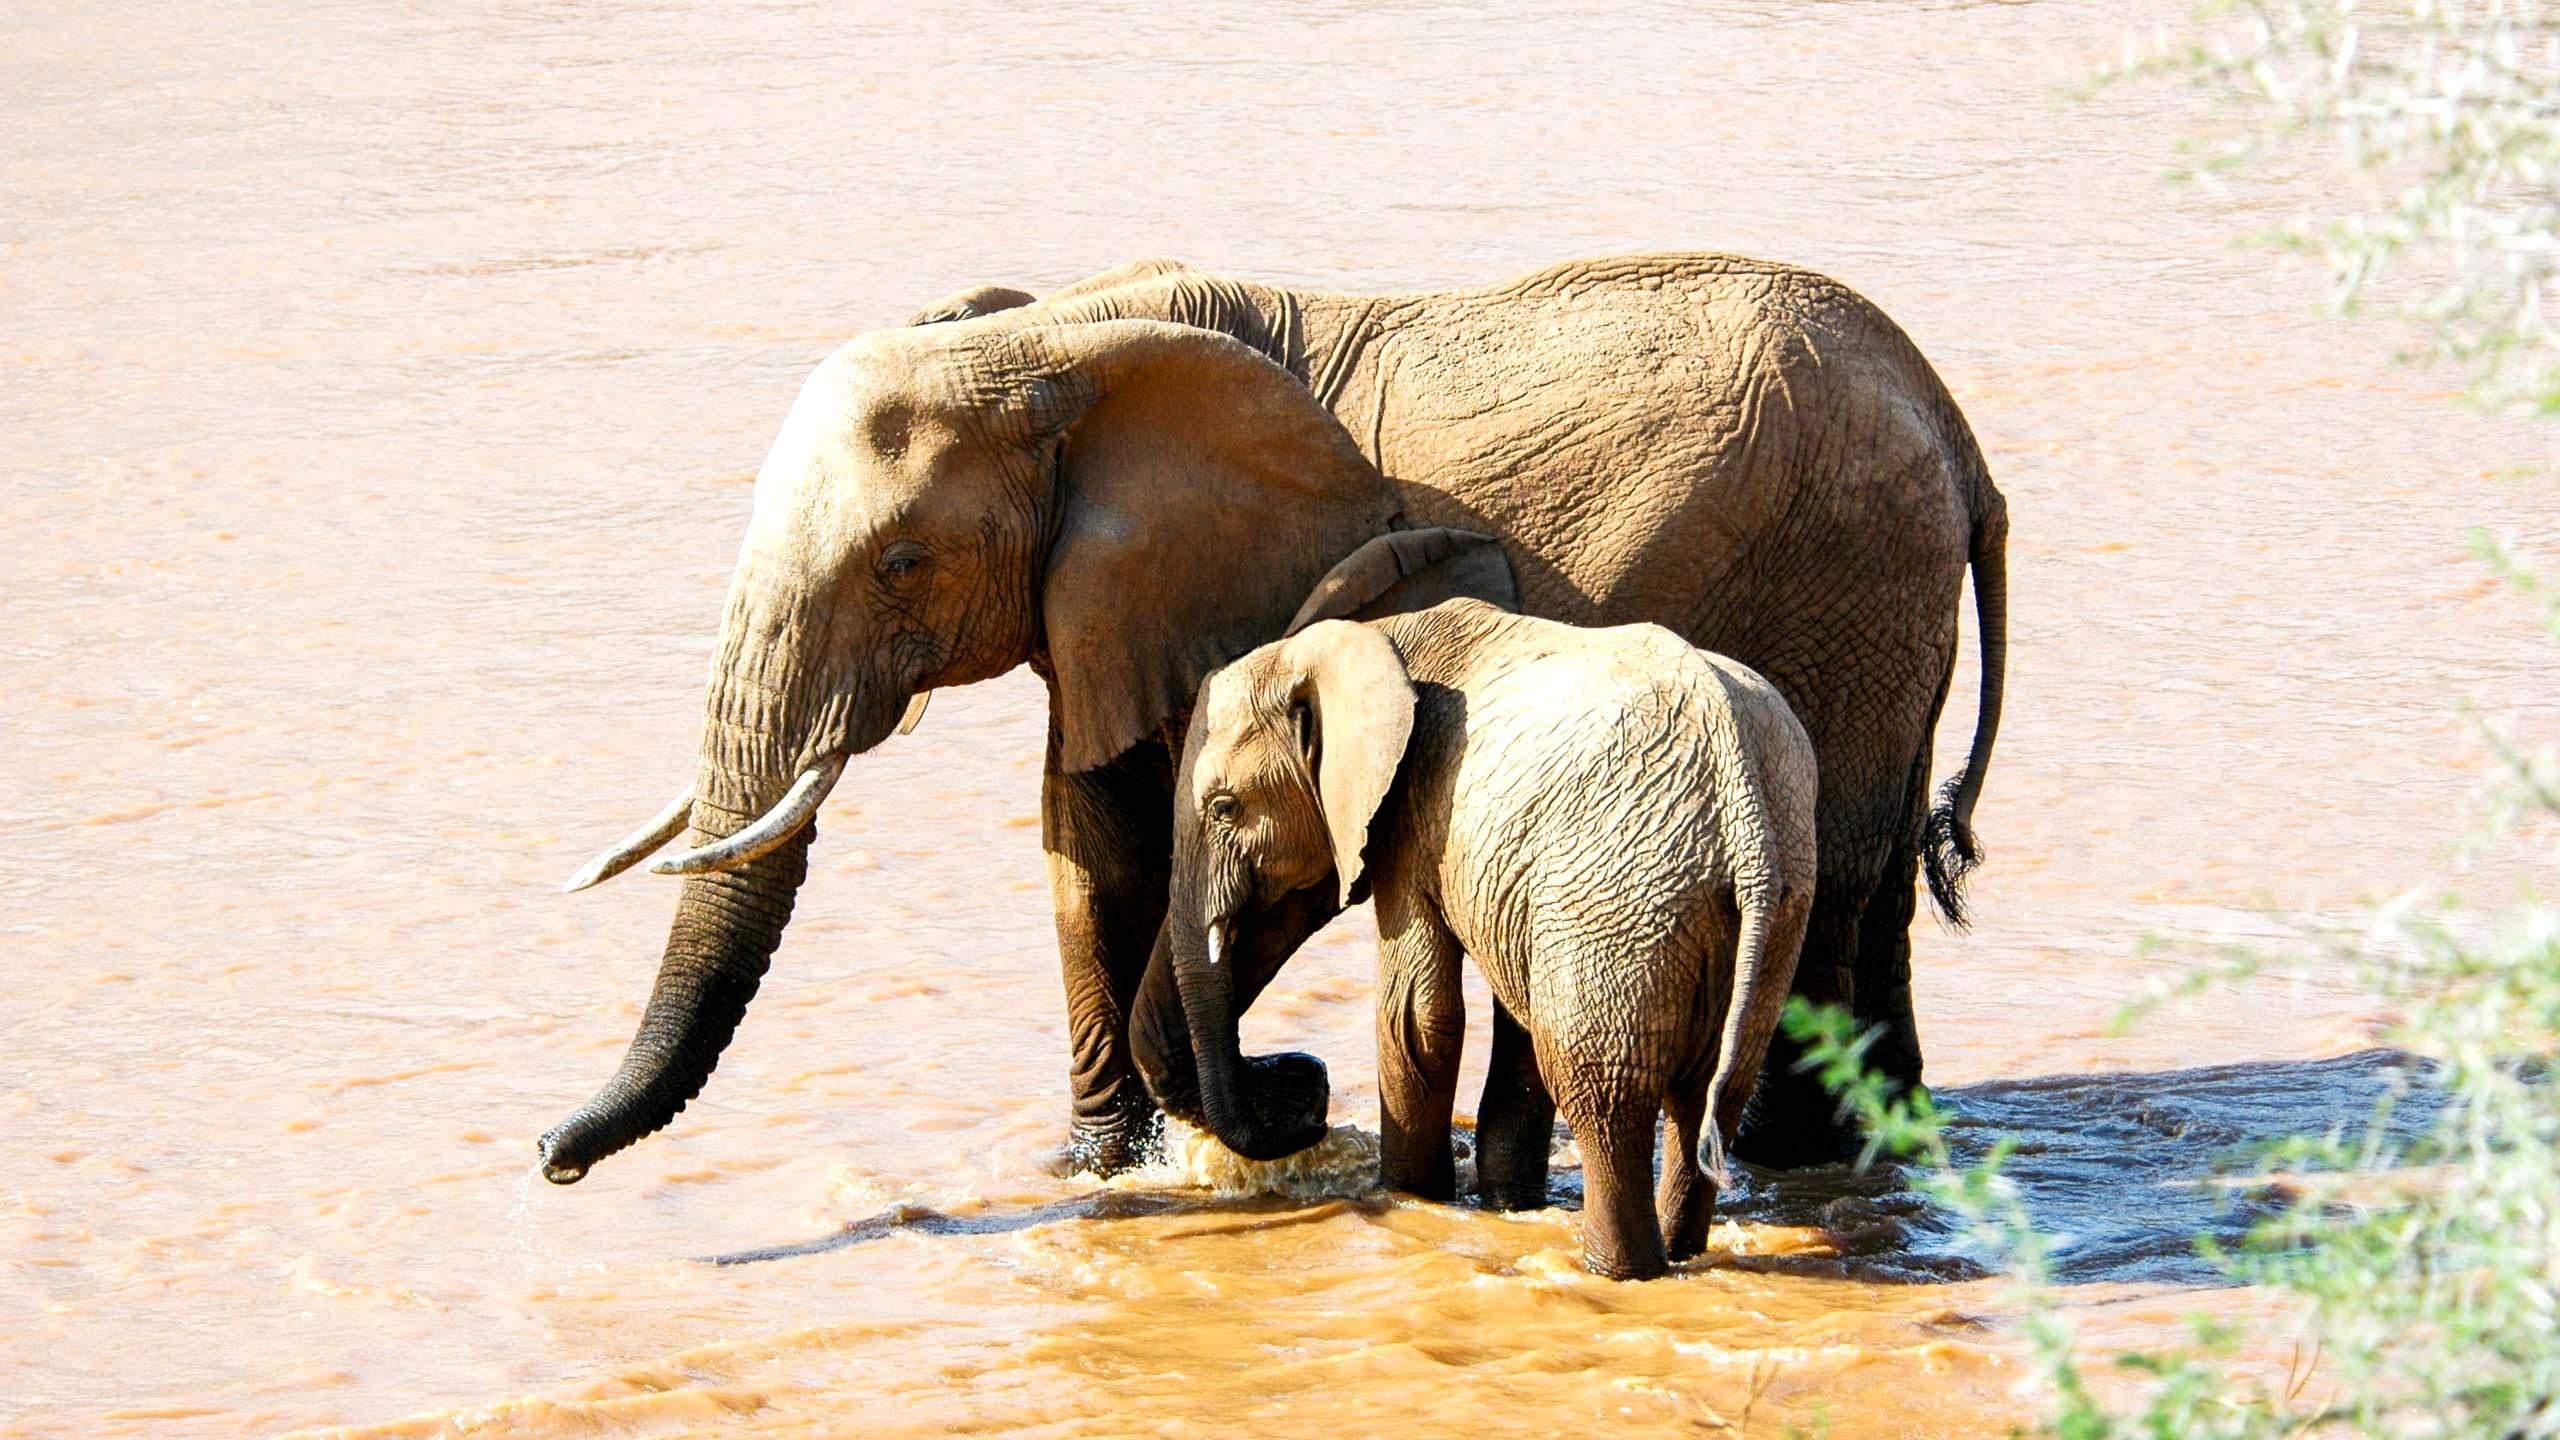 African elephants in water in Kenya